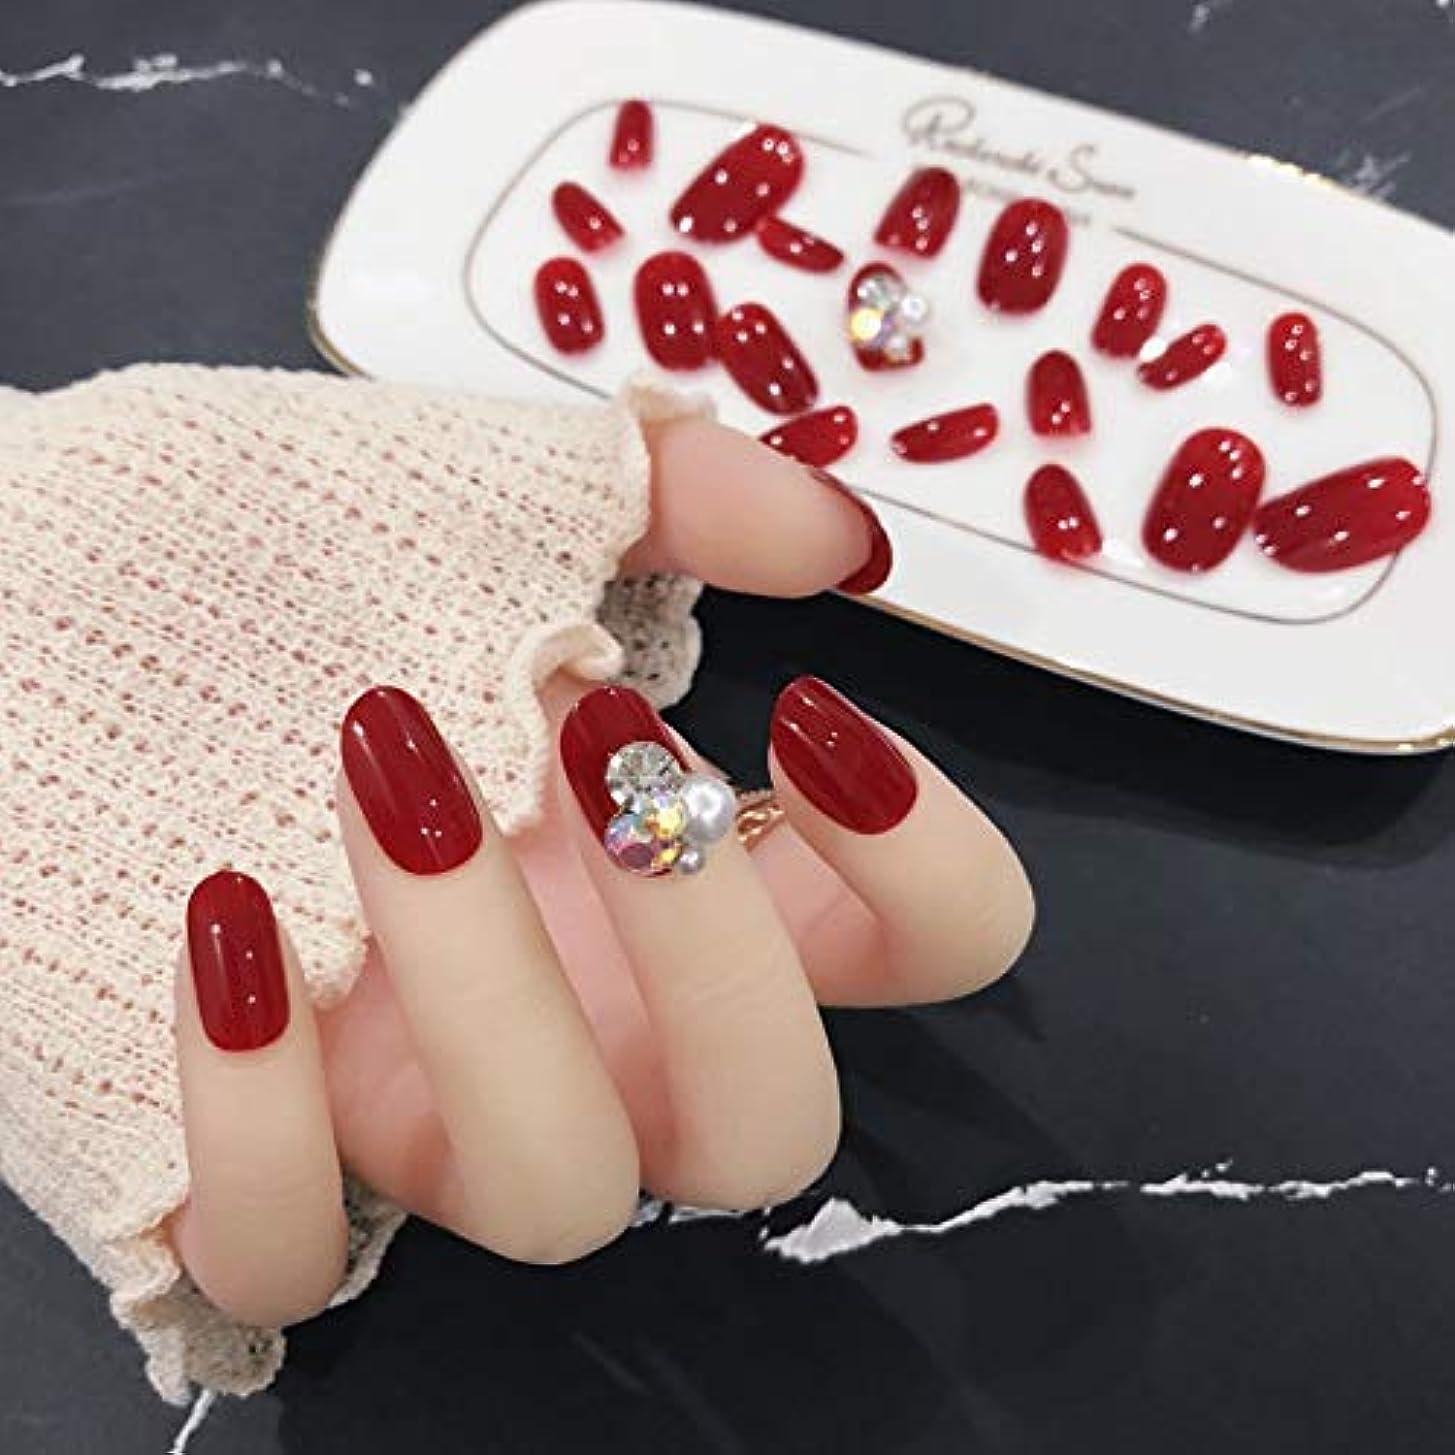 正直明らか情熱的24枚純色付け爪 合成ダイヤモンド、パール装飾 ネイル貼るだけネイルチップ お花嫁付け爪